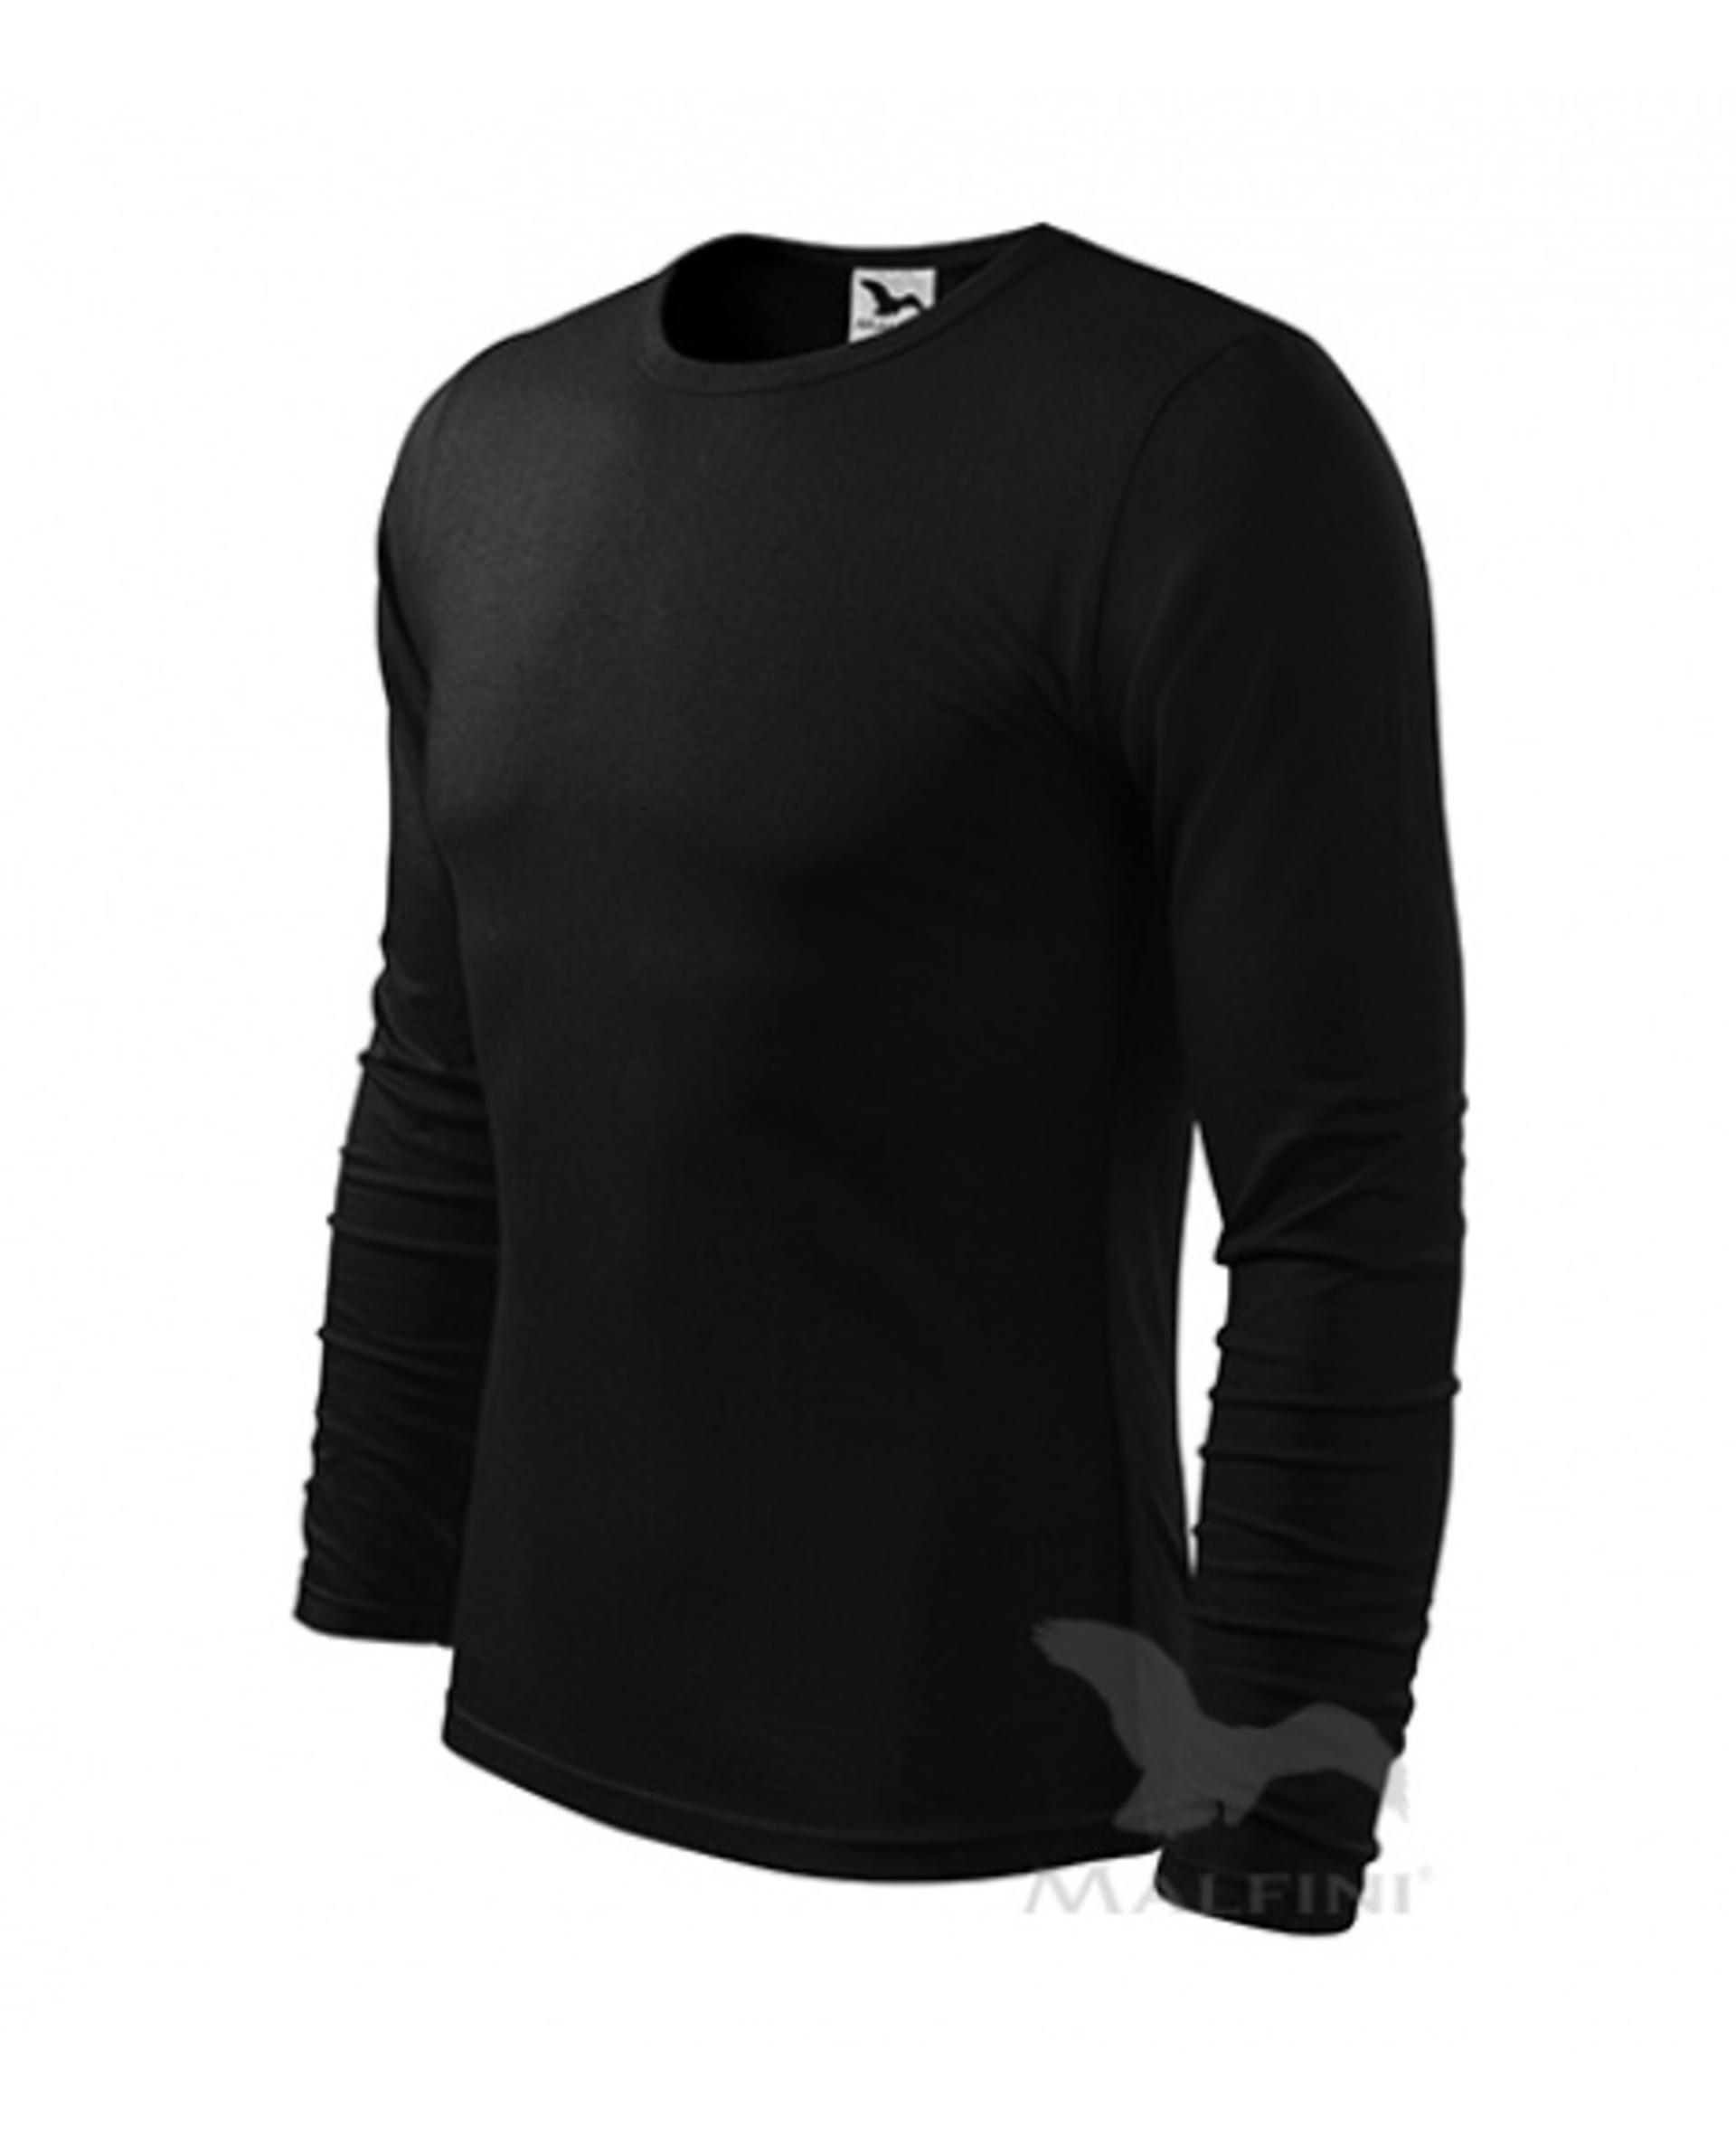 ADLER FIT-T LONG SLEEVE pánské dlouhý rukáv Tričko černá 3XL